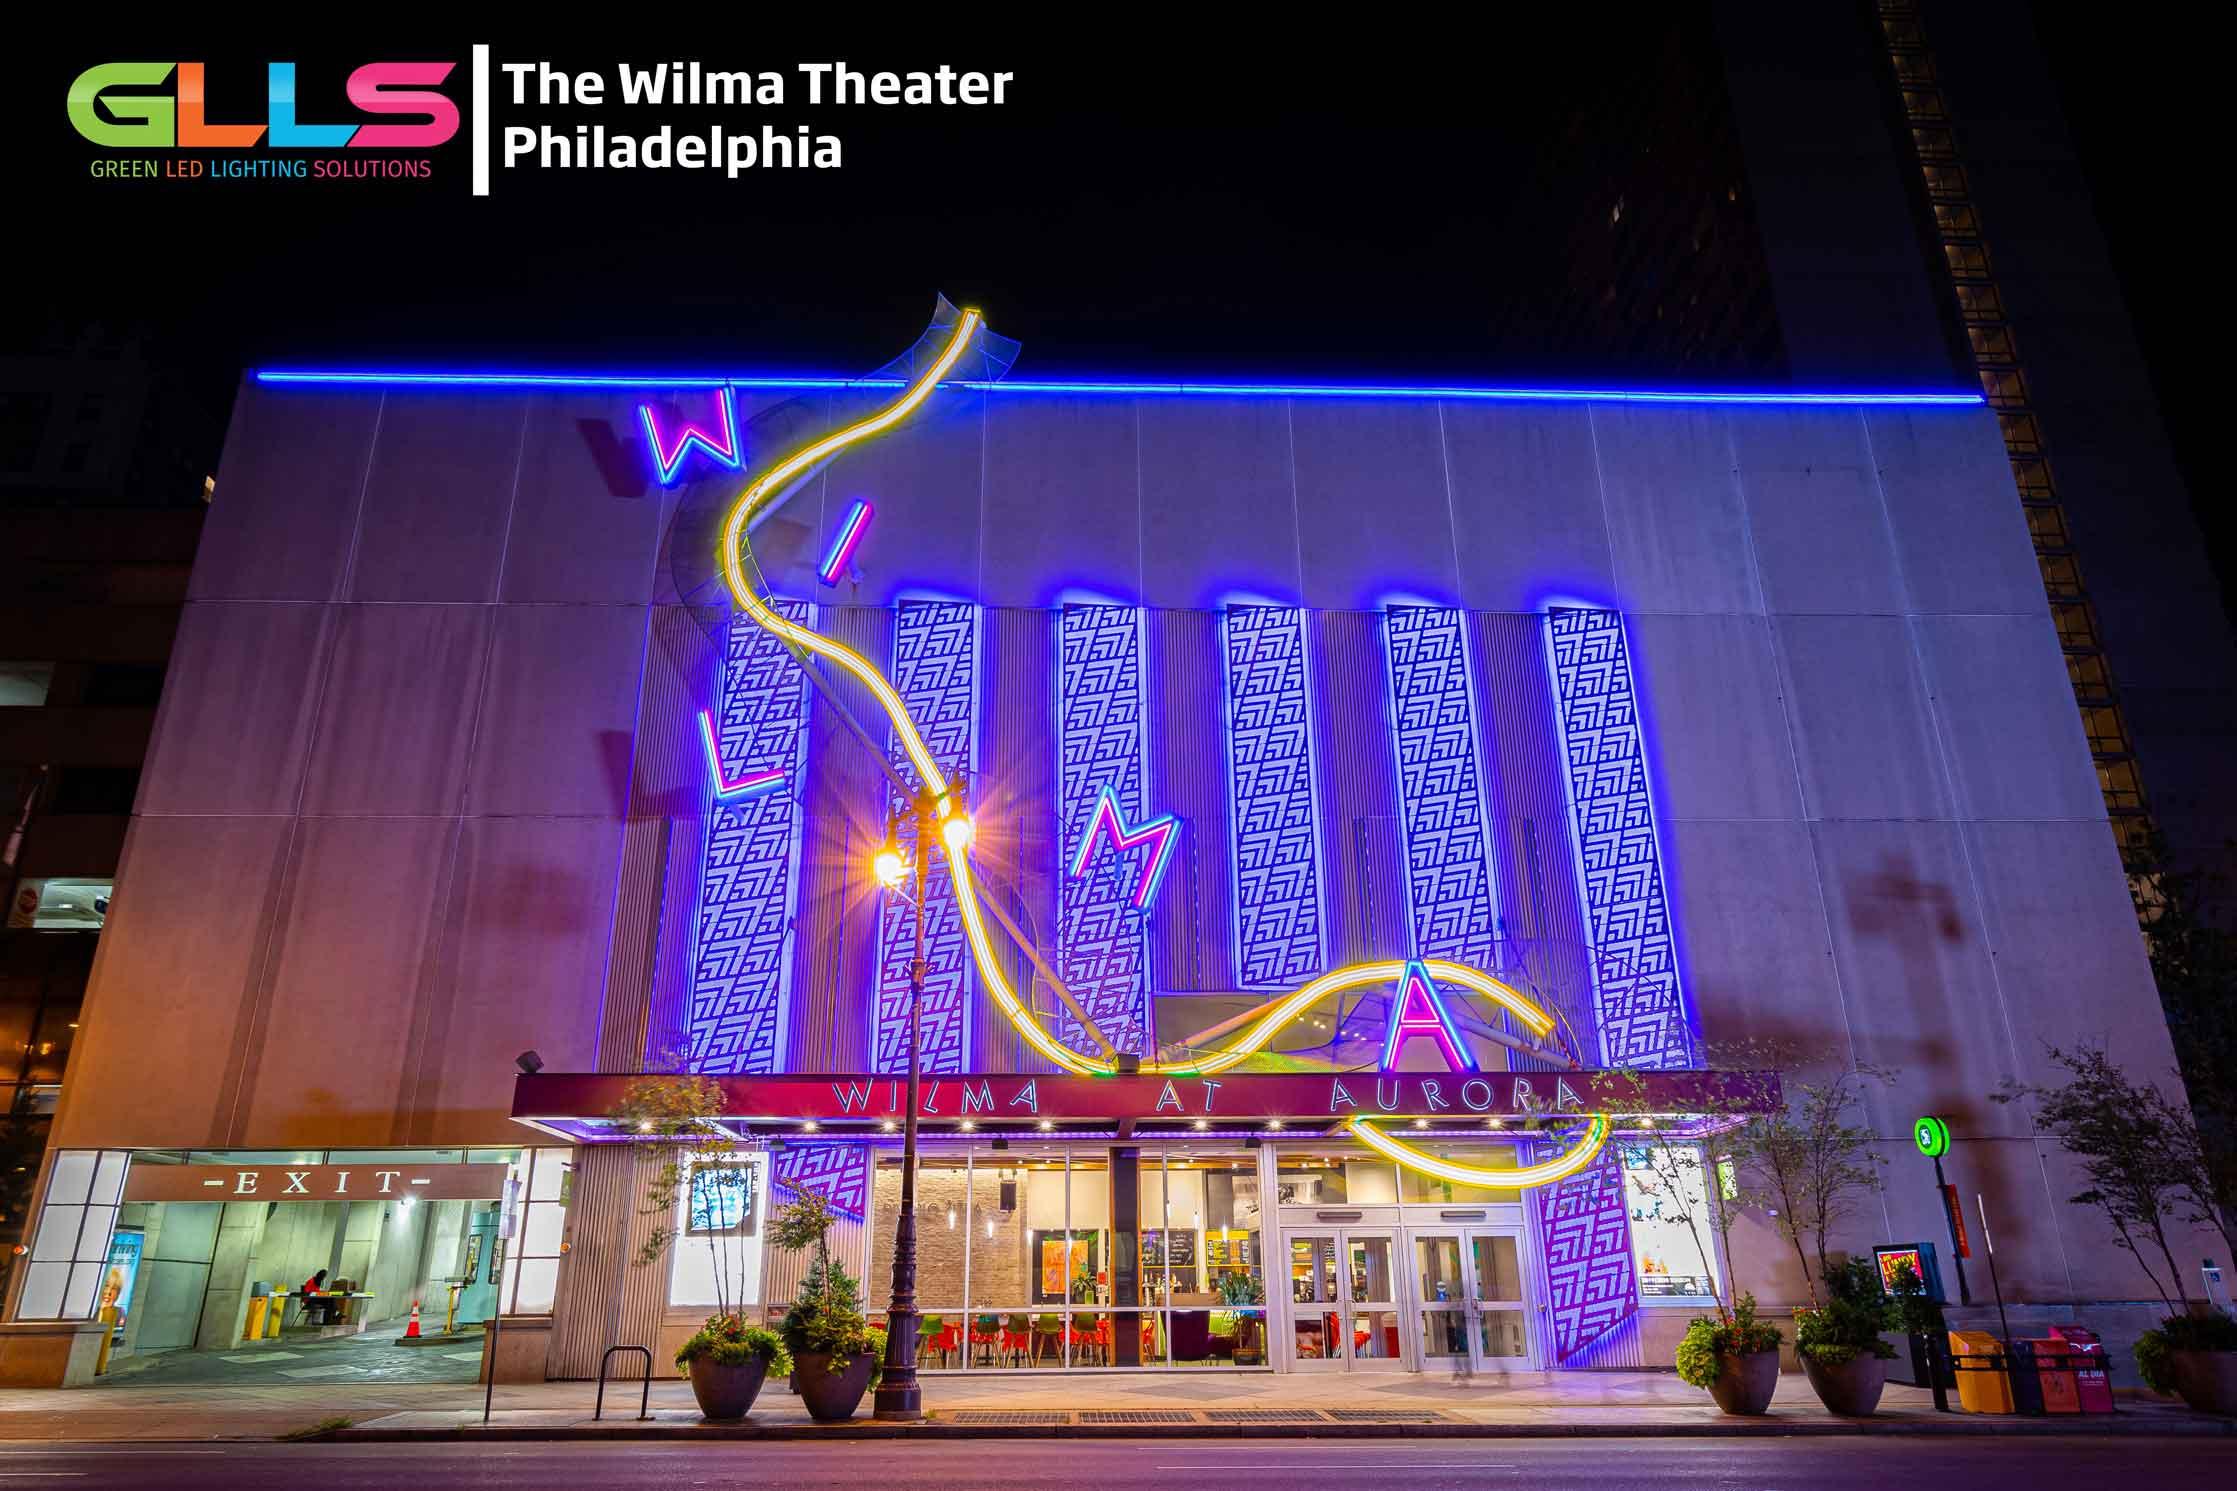 The-Wilma-Theater-Philadelphia-Front